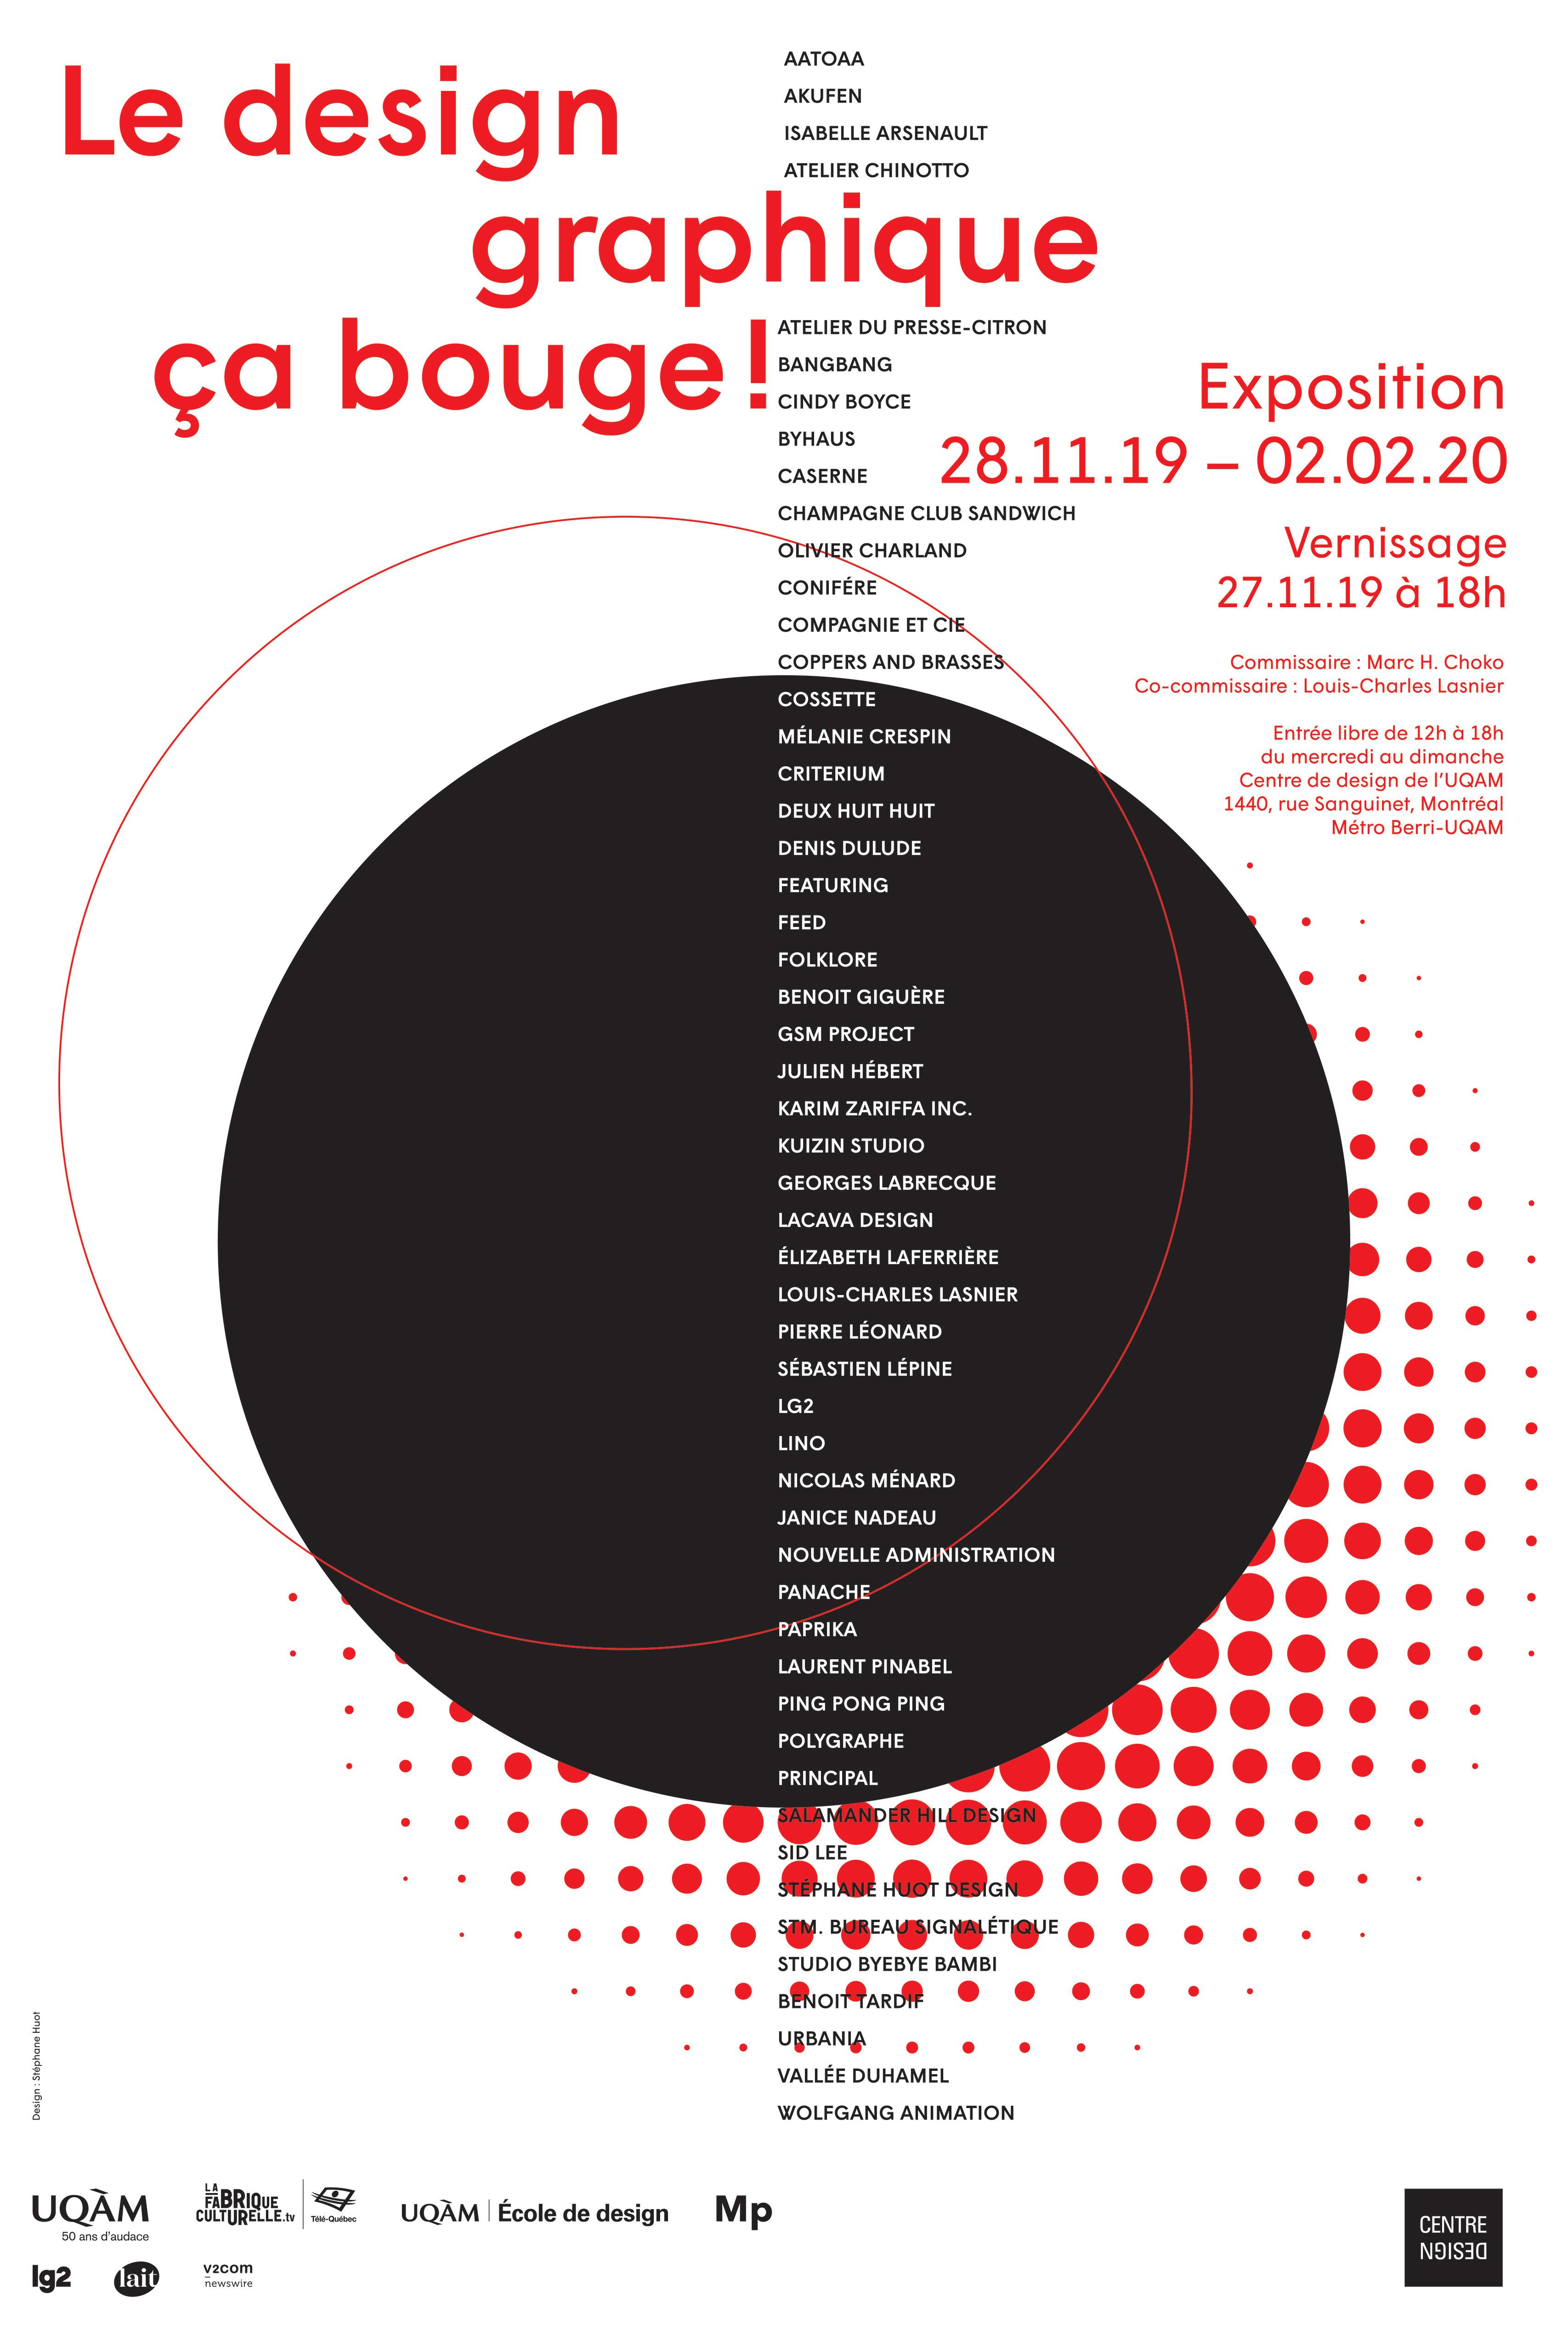 2019 - Exposition - Le design graphique, ça bouge © Stéphane Huot